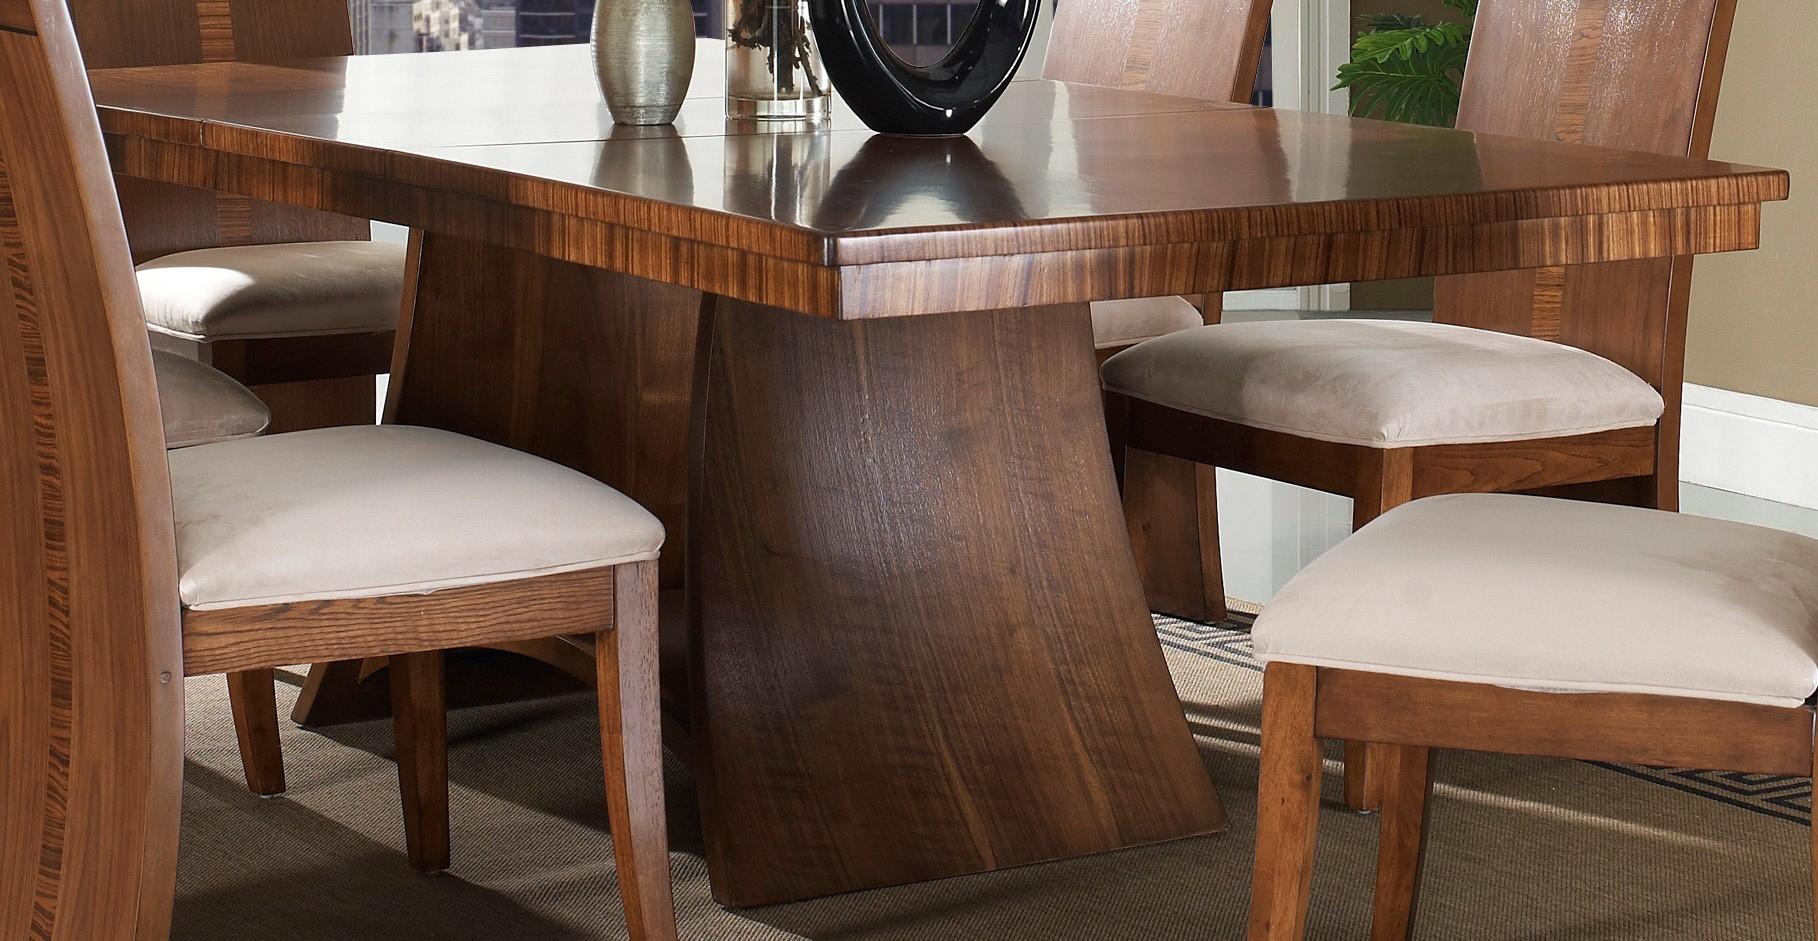 Milan rectangular pedestal dining table from somerton for Rectangular pedestal dining table